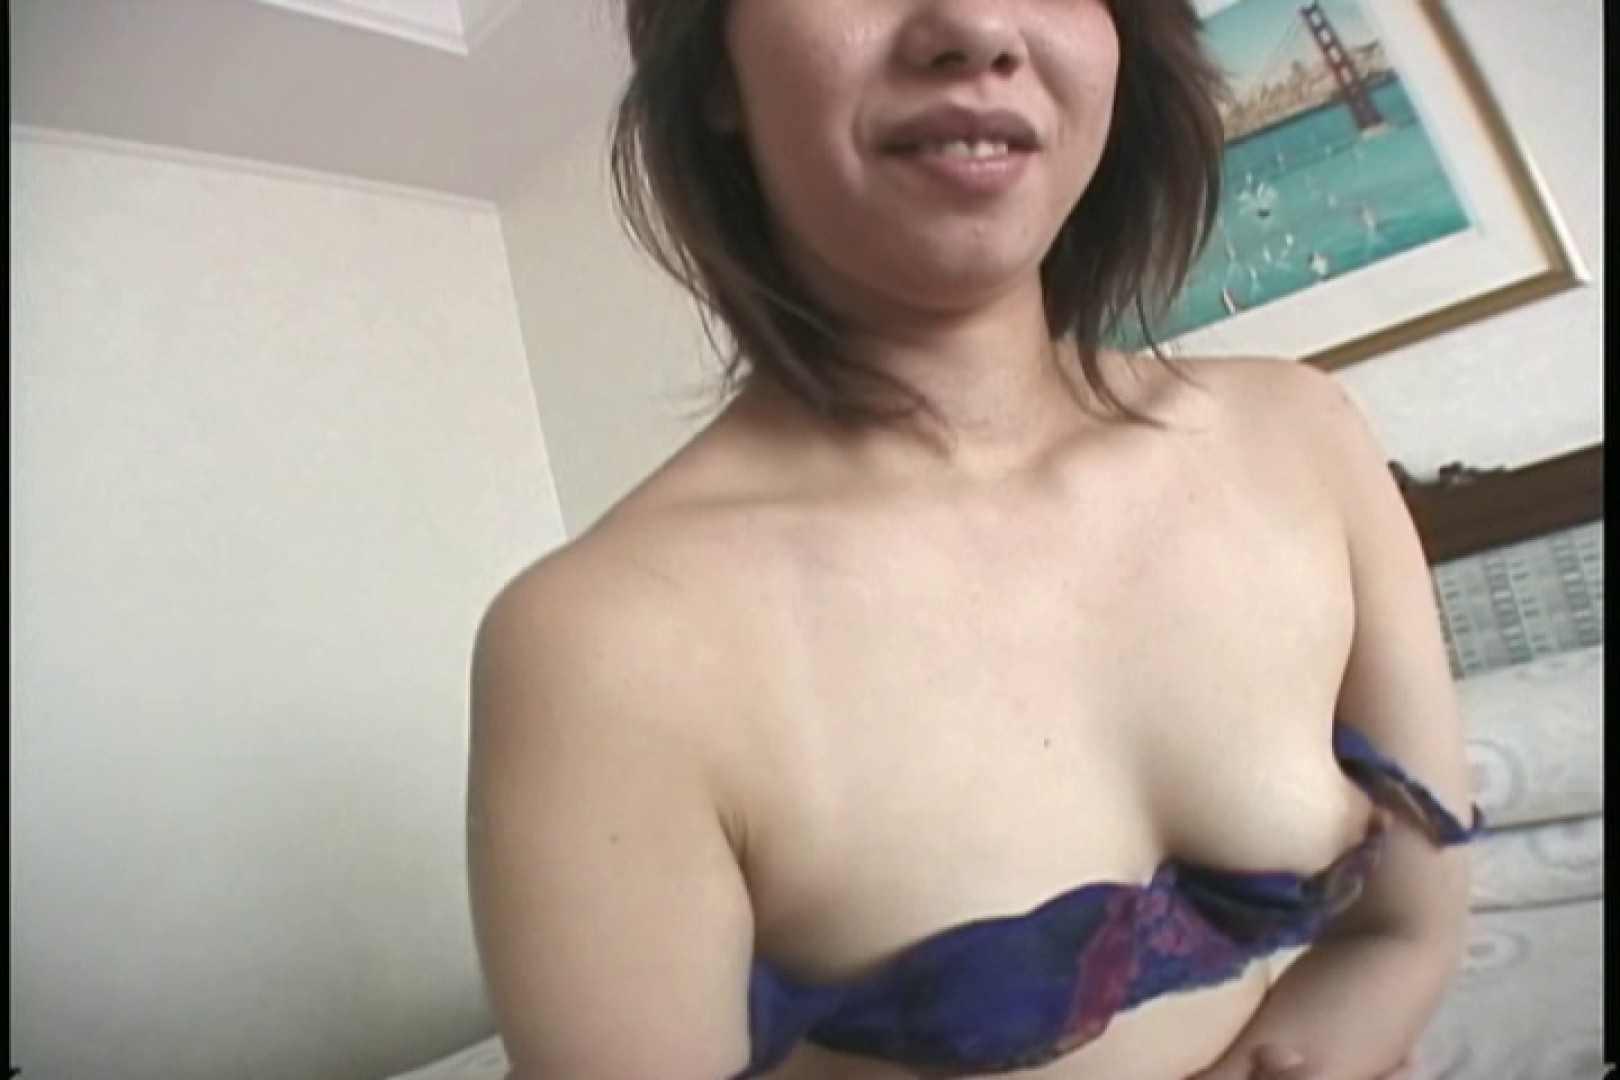 初めてのビデオ撮影に緊張する素人OLとセックス~武田じゅん~ 素人 | ギャル達のセックス  82画像 39